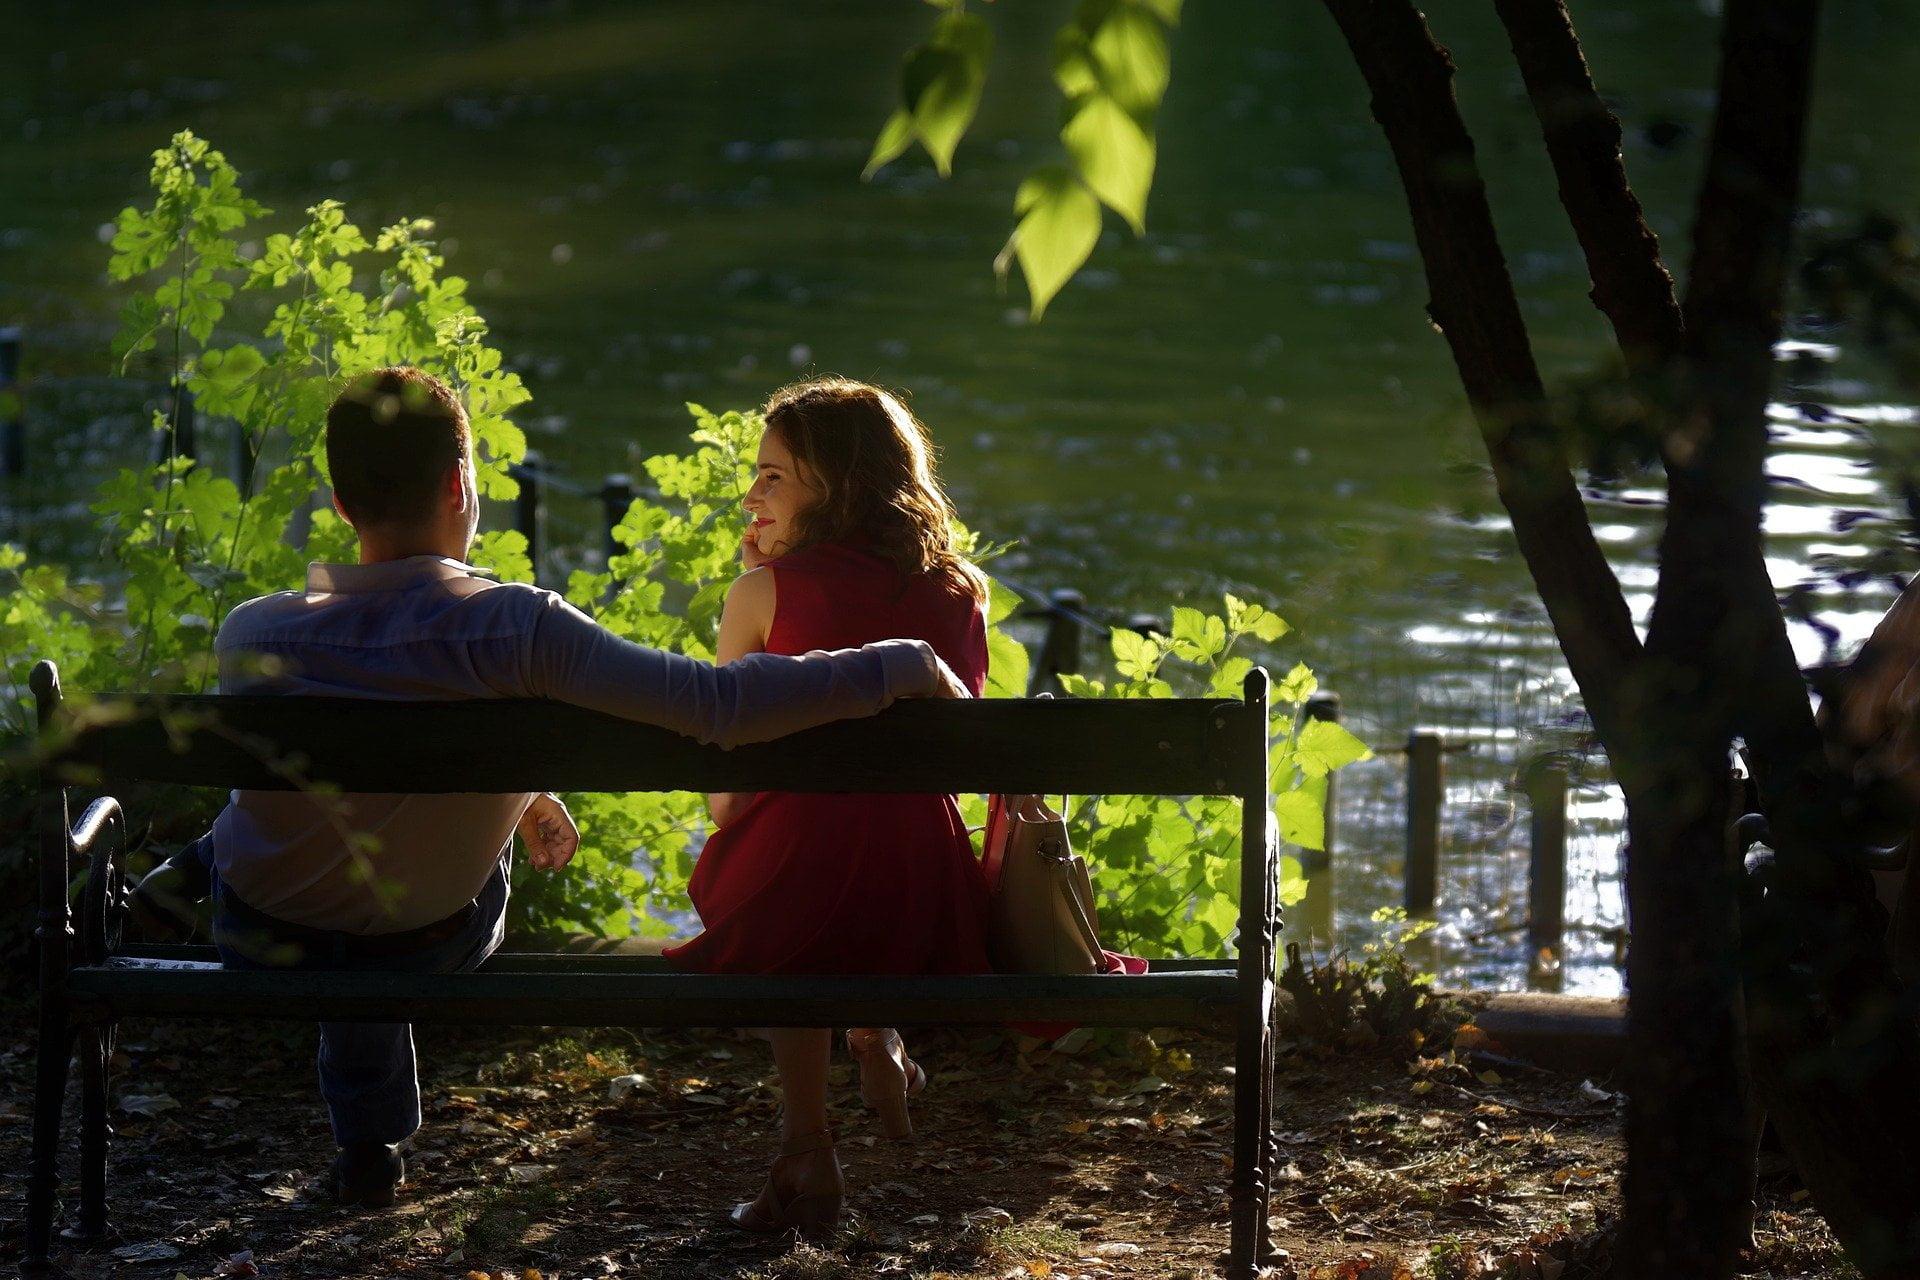 O czym rozmawiać z dziewczyną na pierwszej randce? Praktyczne porady